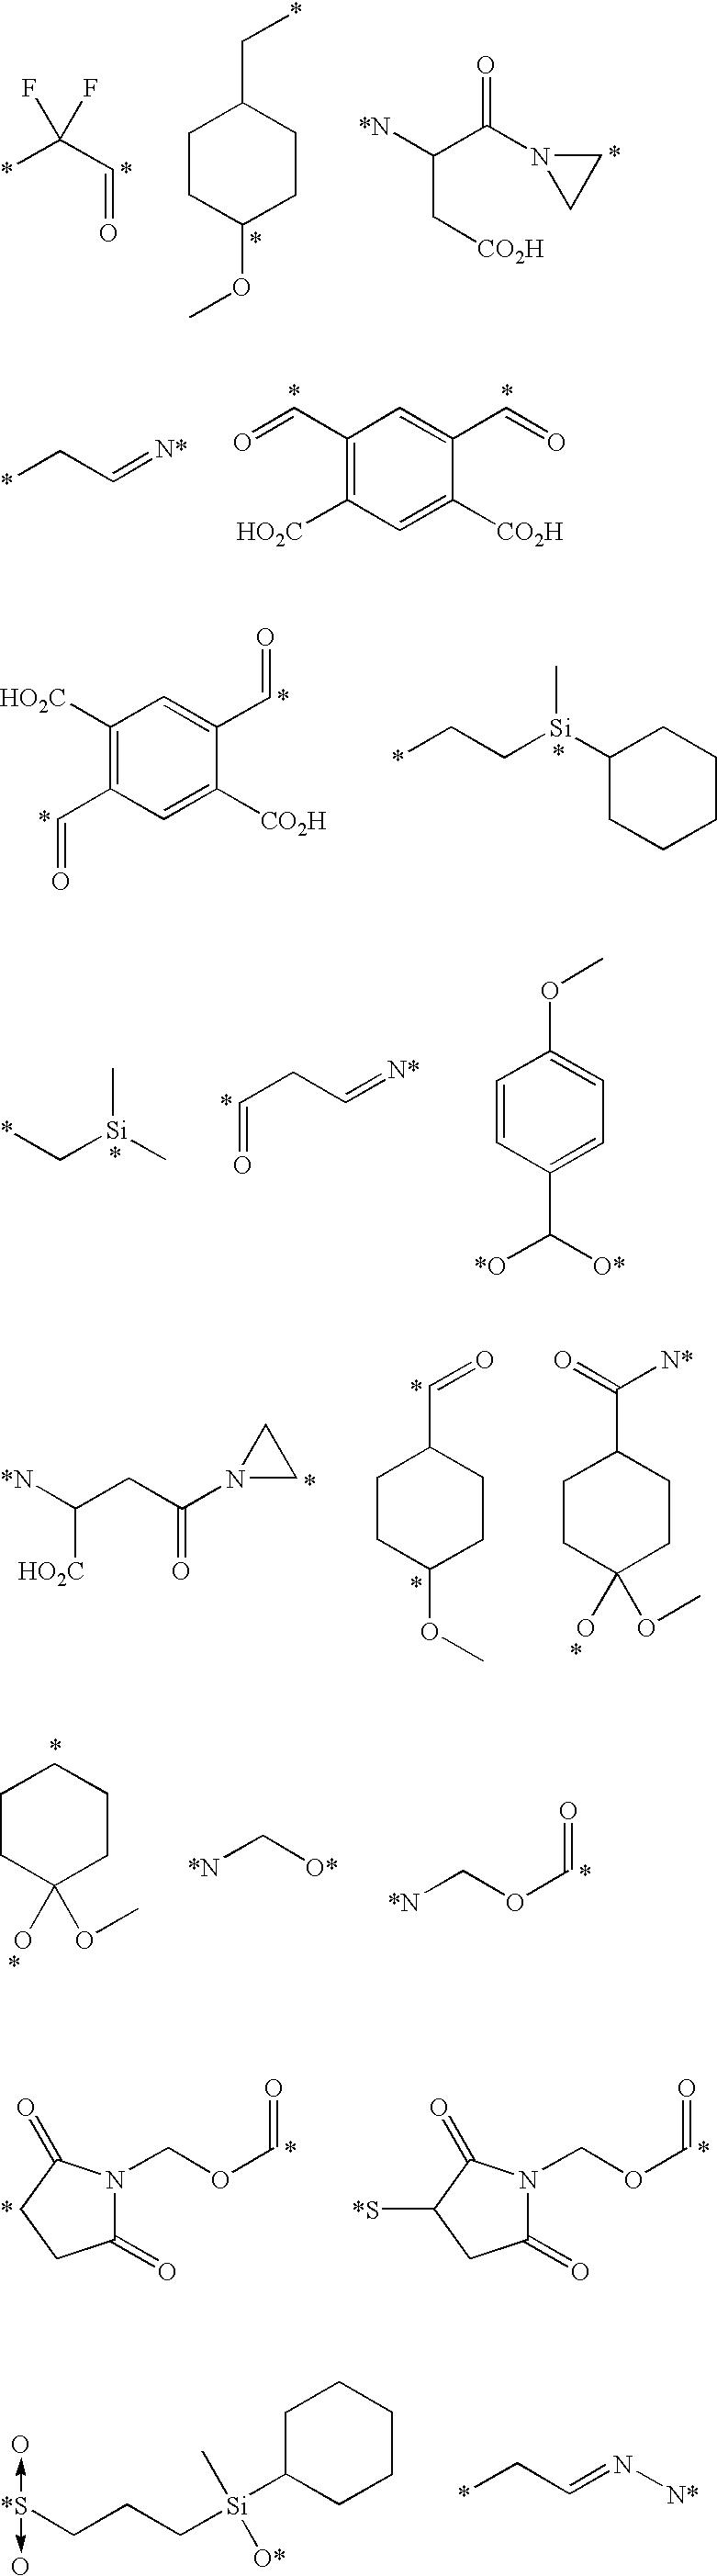 Figure US20100104626A1-20100429-C00004